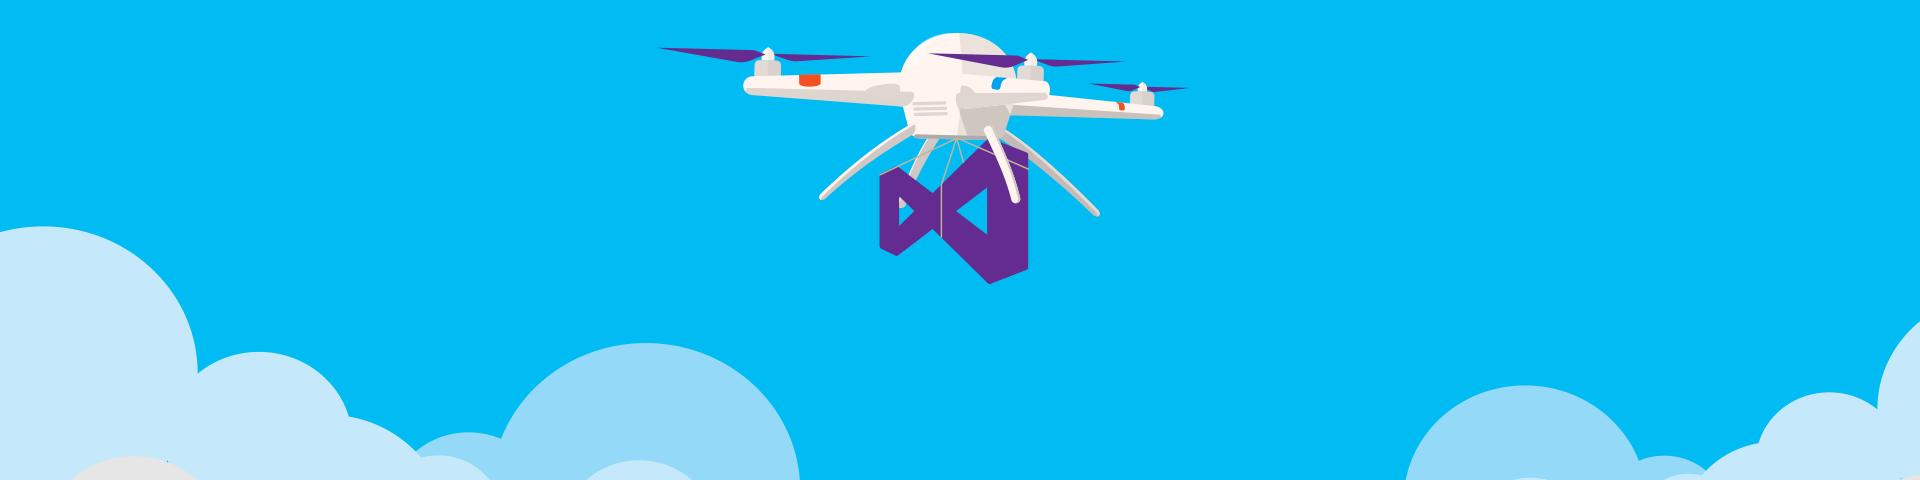 一辆搭载着 Visual Studio 徽标的无人机的插图